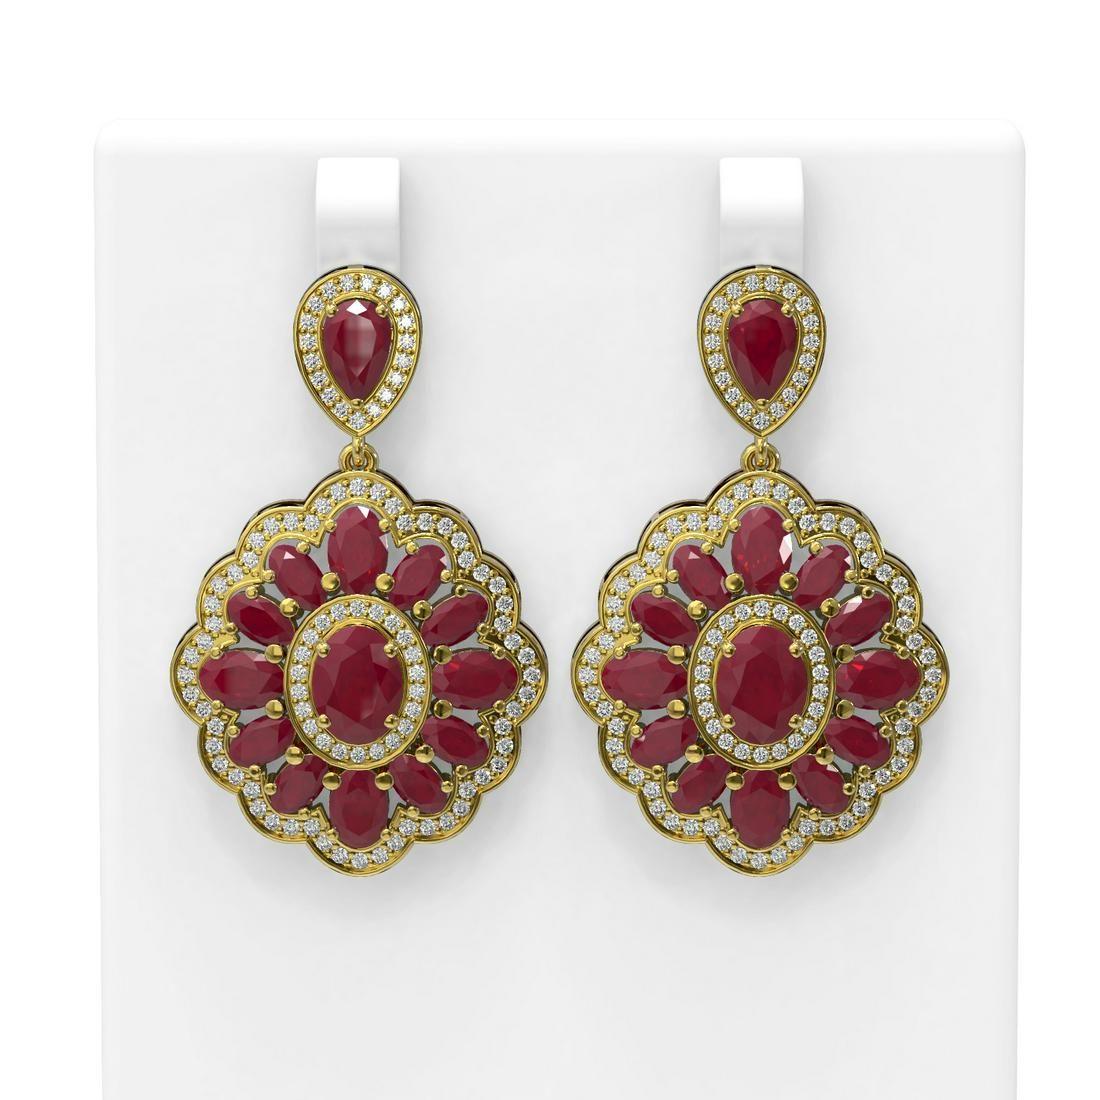 19.42 ctw Ruby & Diamond Earrings 18K Yellow Gold -